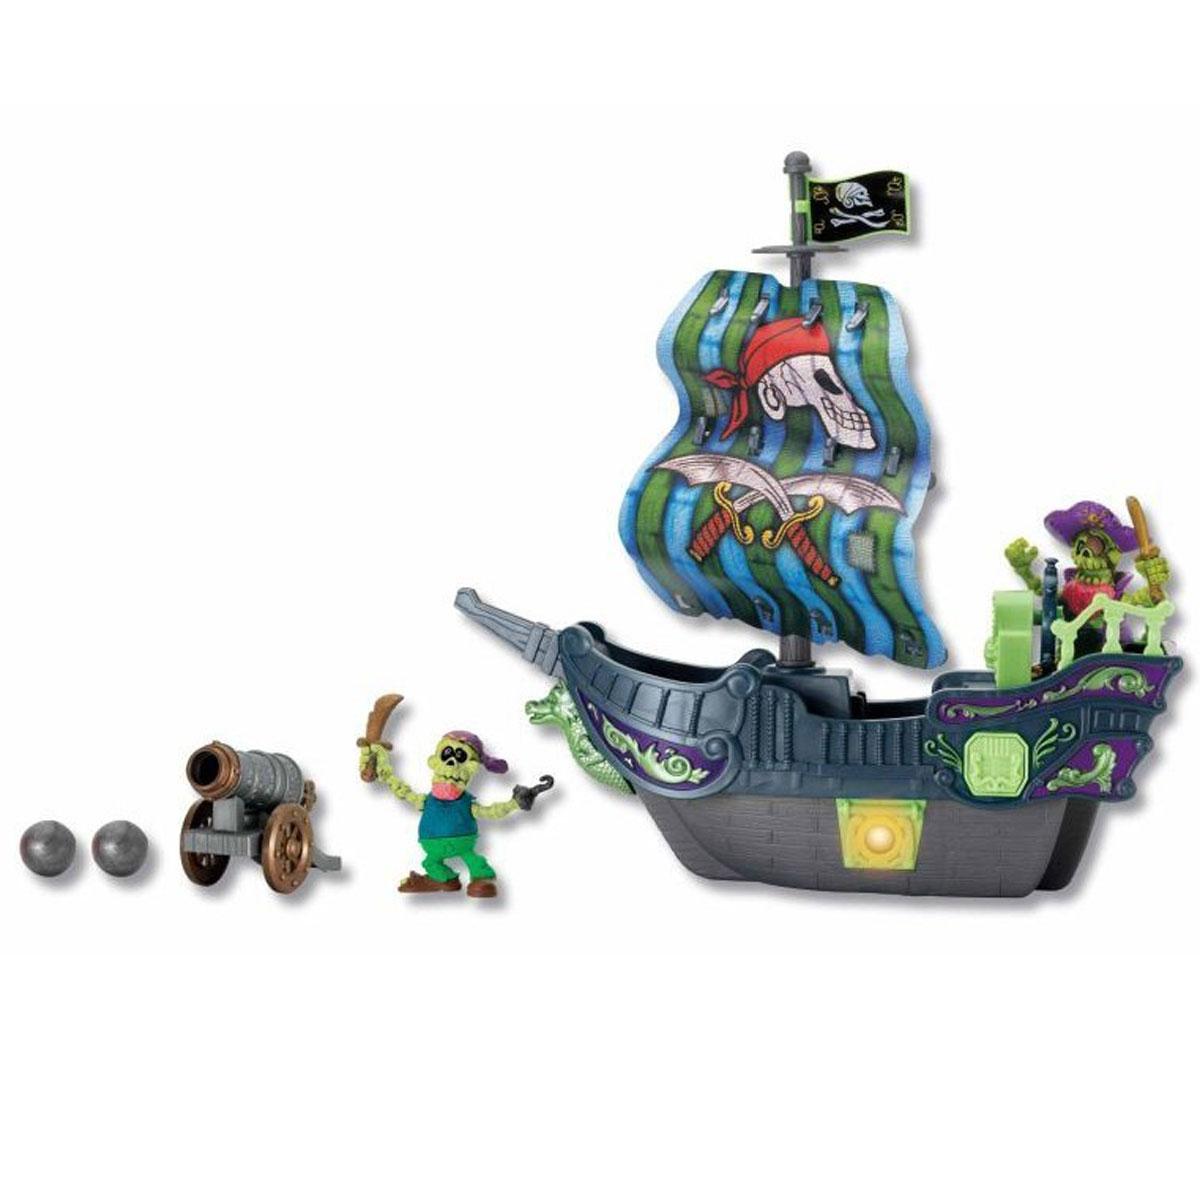 Keenway Игровой набор Приключения пиратов. Битва за остров игровой набор keenway приключение пиратов битва за остров с зелёным парусом